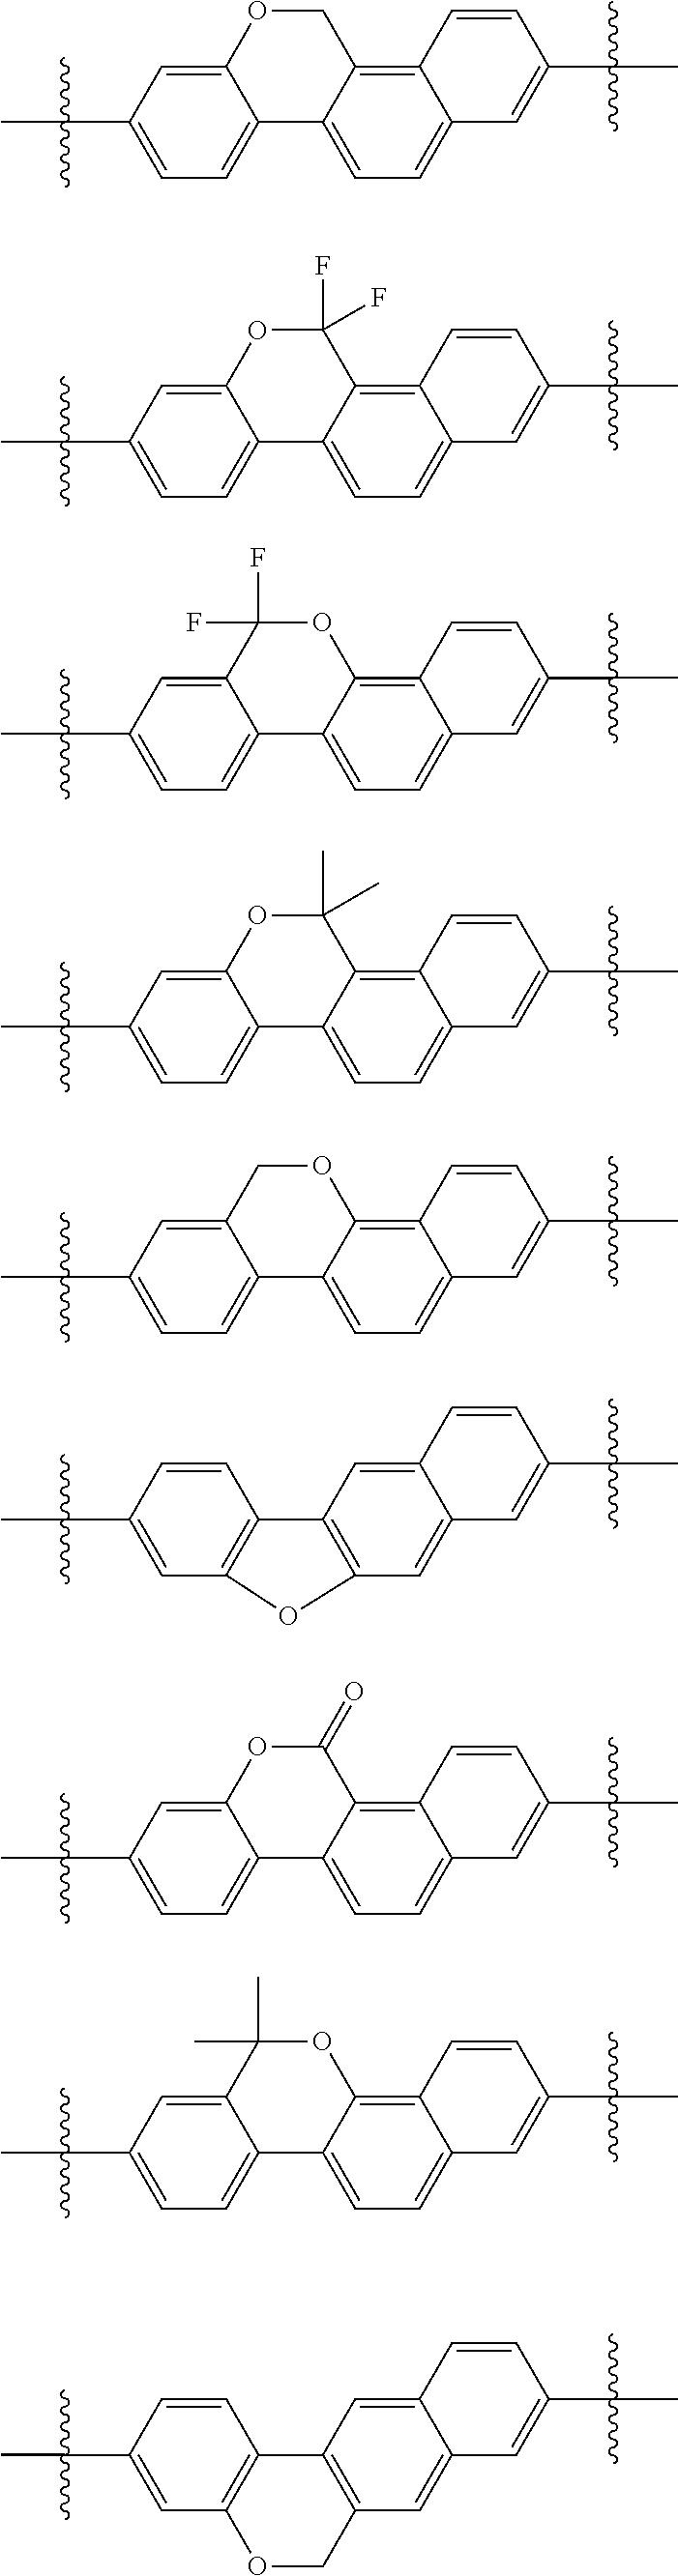 Figure US08273341-20120925-C00147